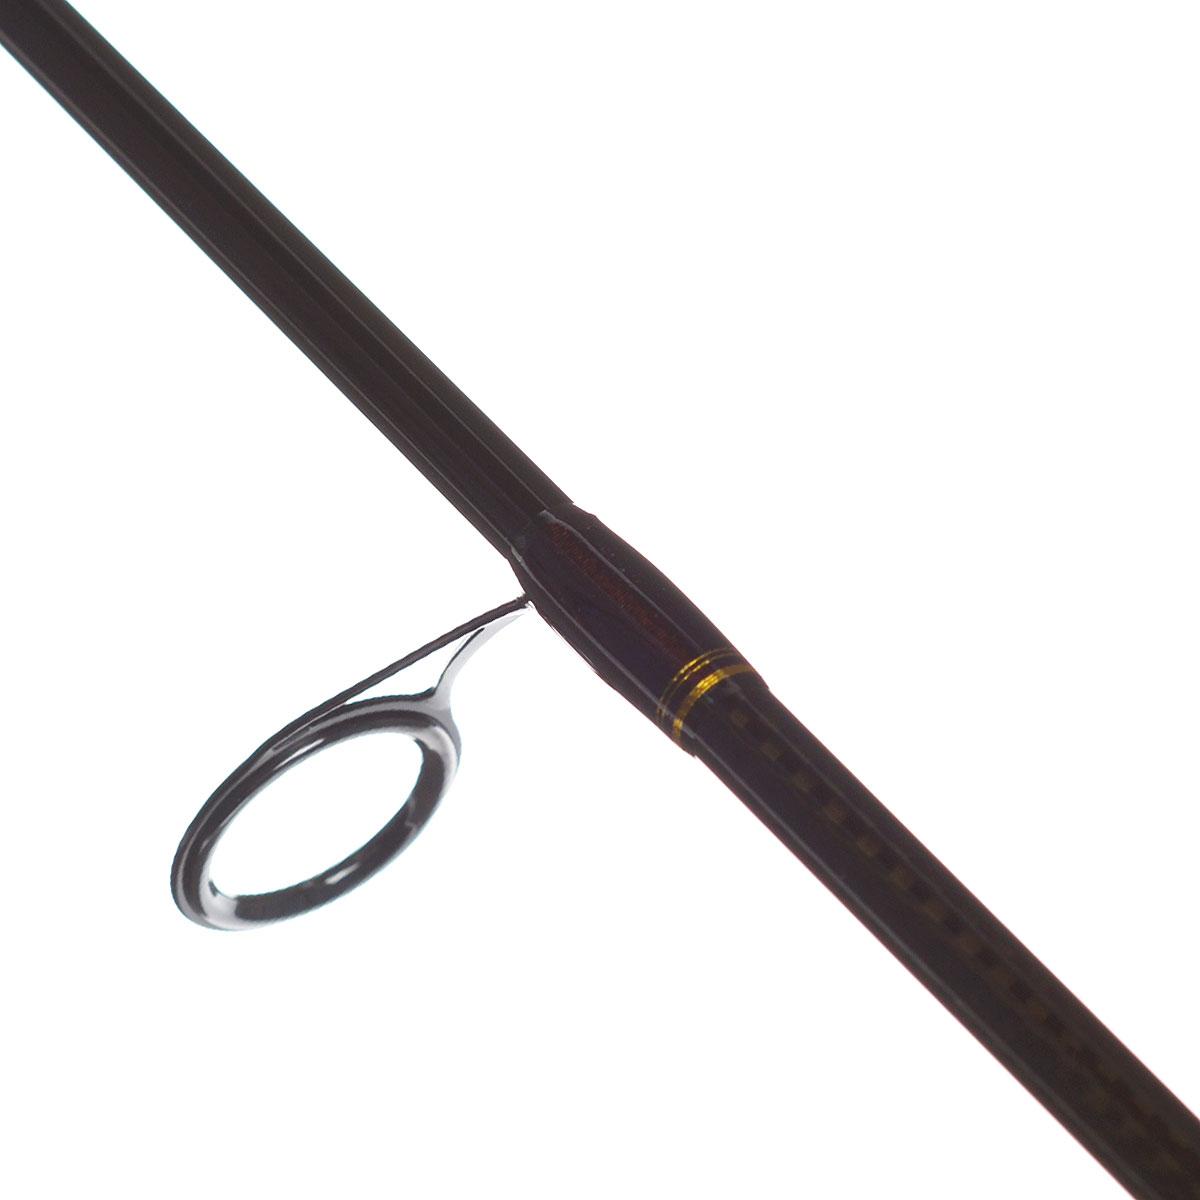 """Удилище спиннинговое Daiwa """"New Exceler"""", штекерное, цвет: темно-коричневый, 2,4 м, 2-10 г"""